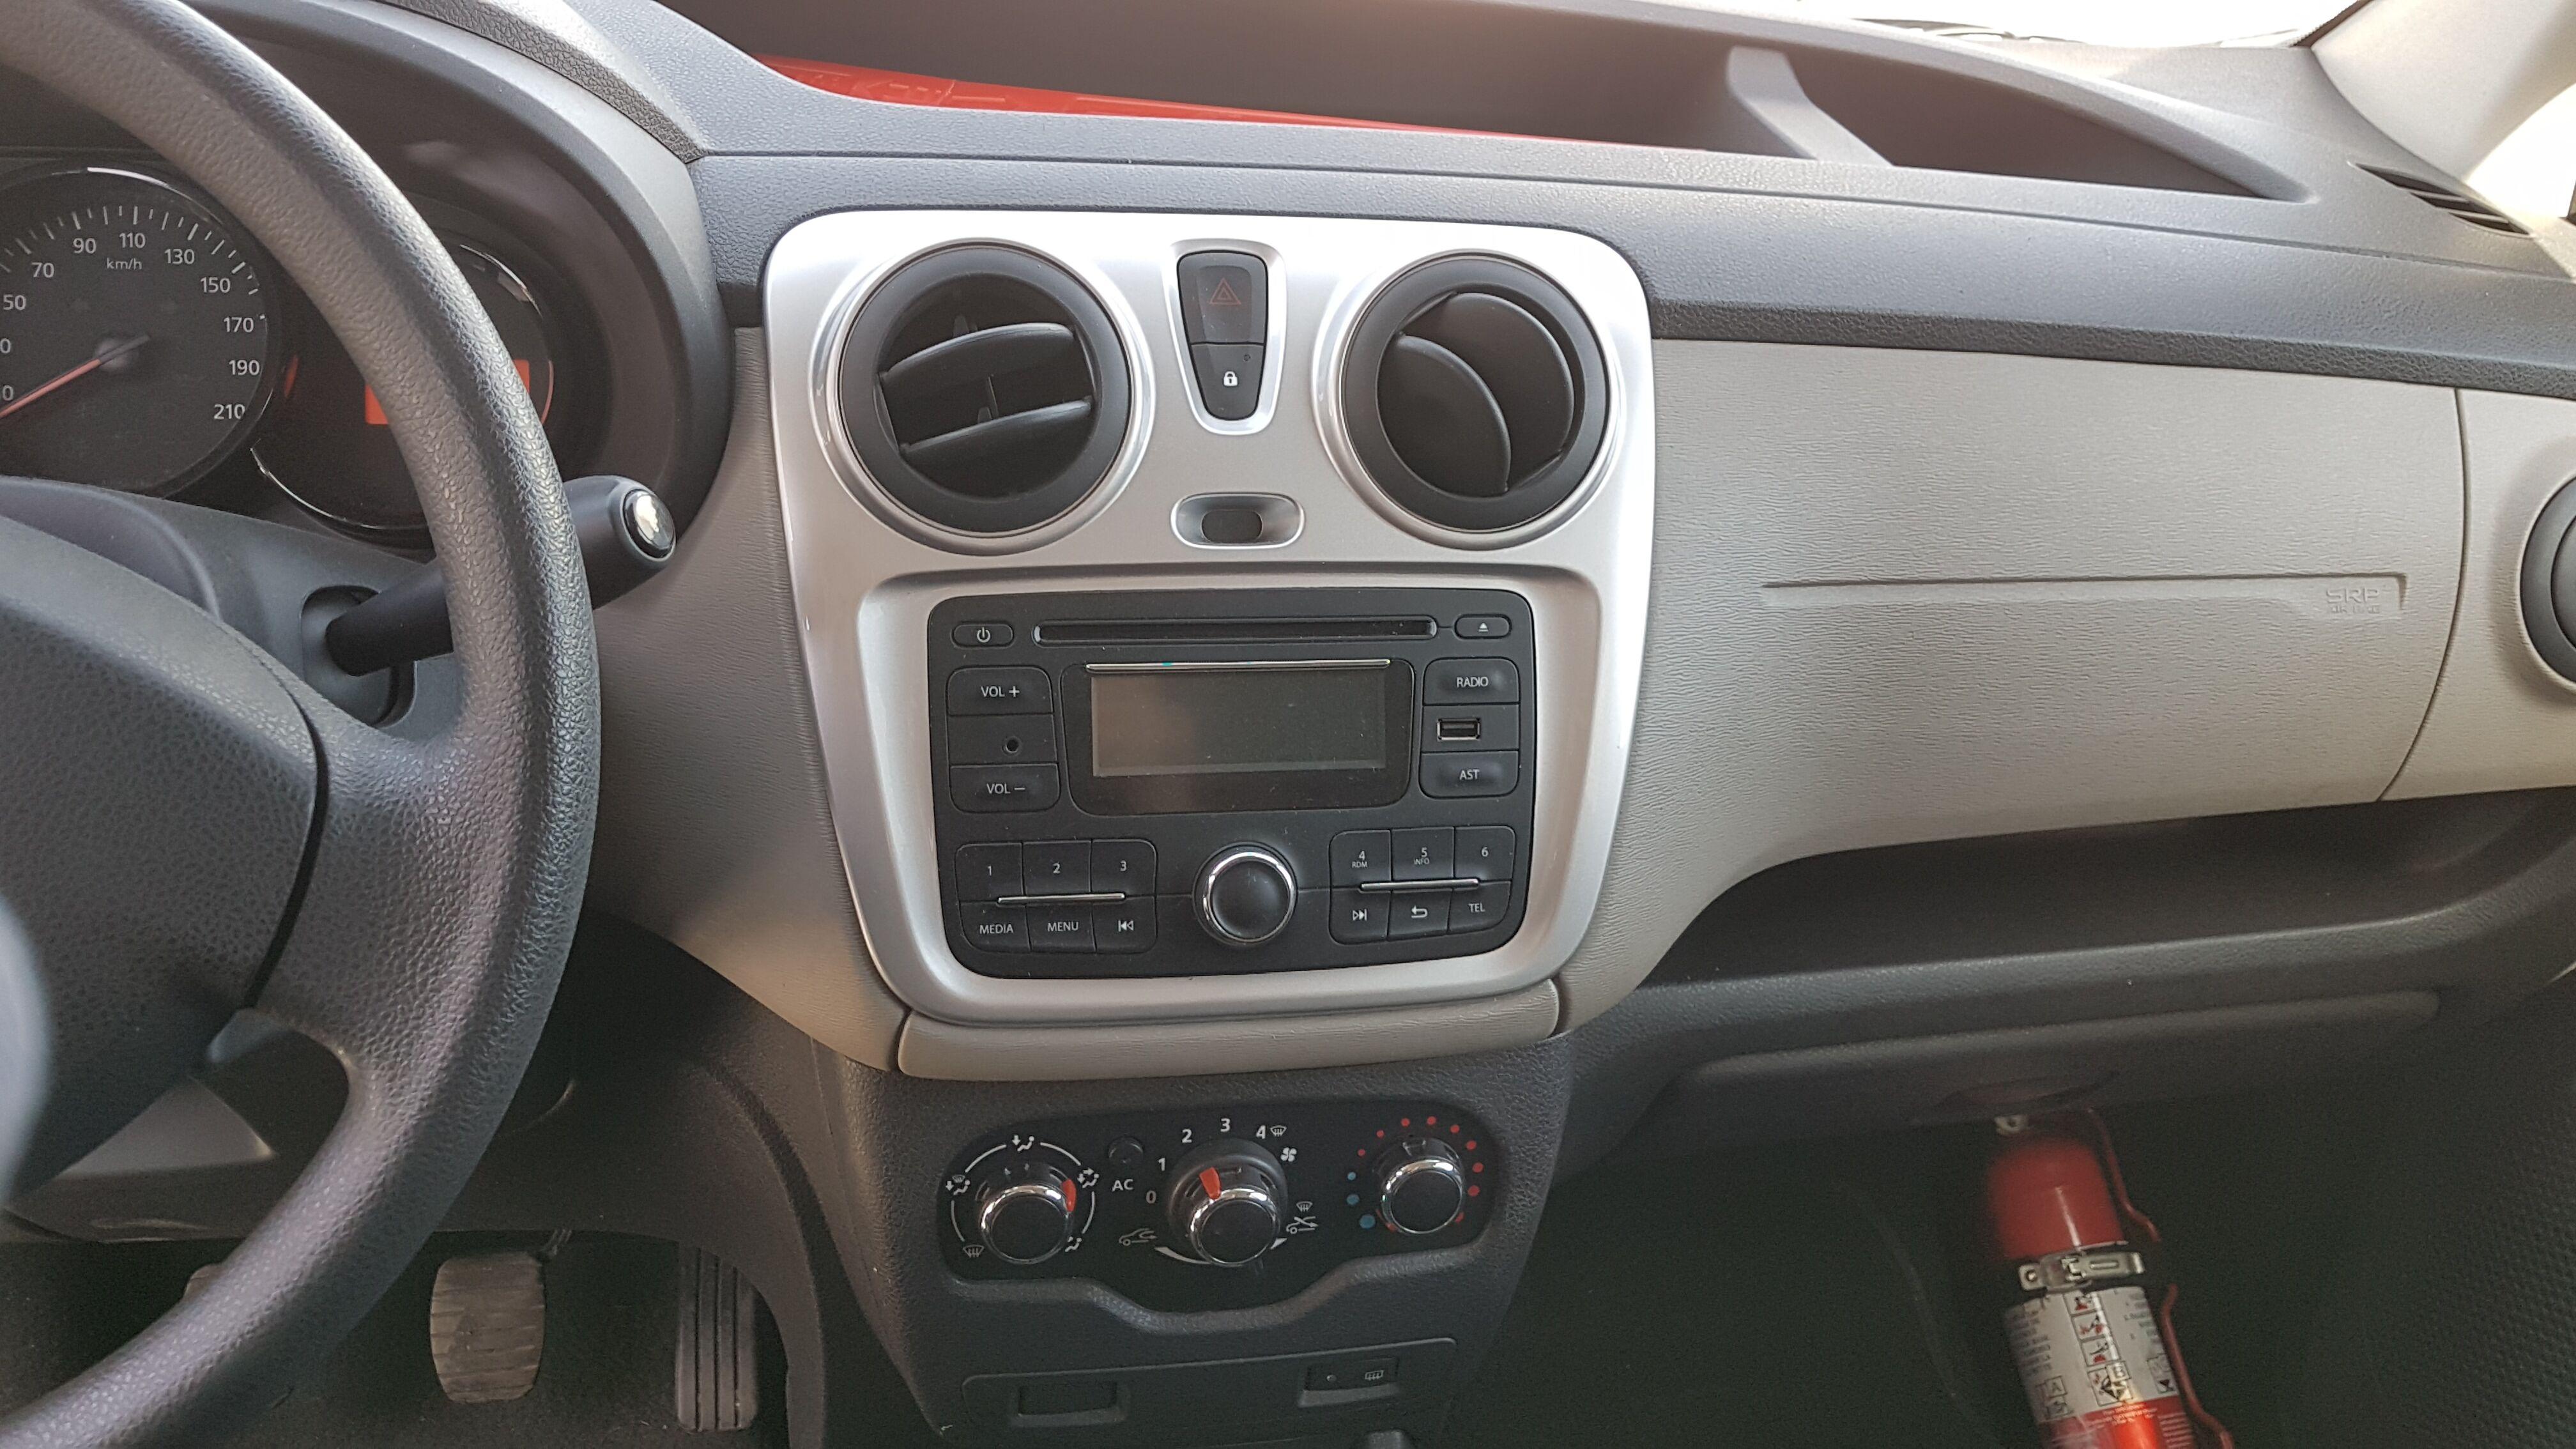 Dacia Dokker Dacia dokker Euro 5 8/8